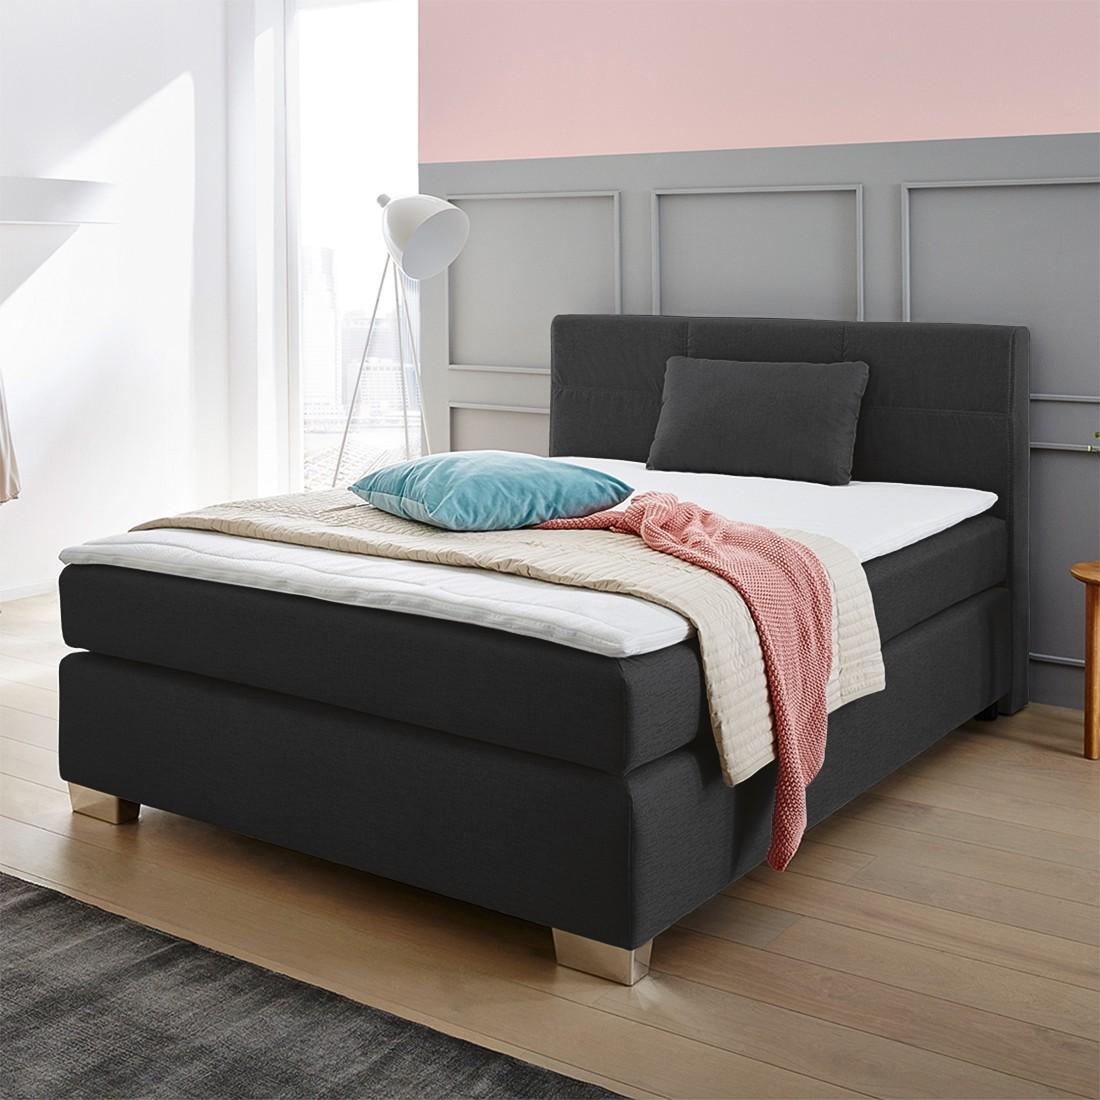 boxspringbetten 180x200 cm mit bettkasten im angebot cherry m bel home24 ikea otto. Black Bedroom Furniture Sets. Home Design Ideas